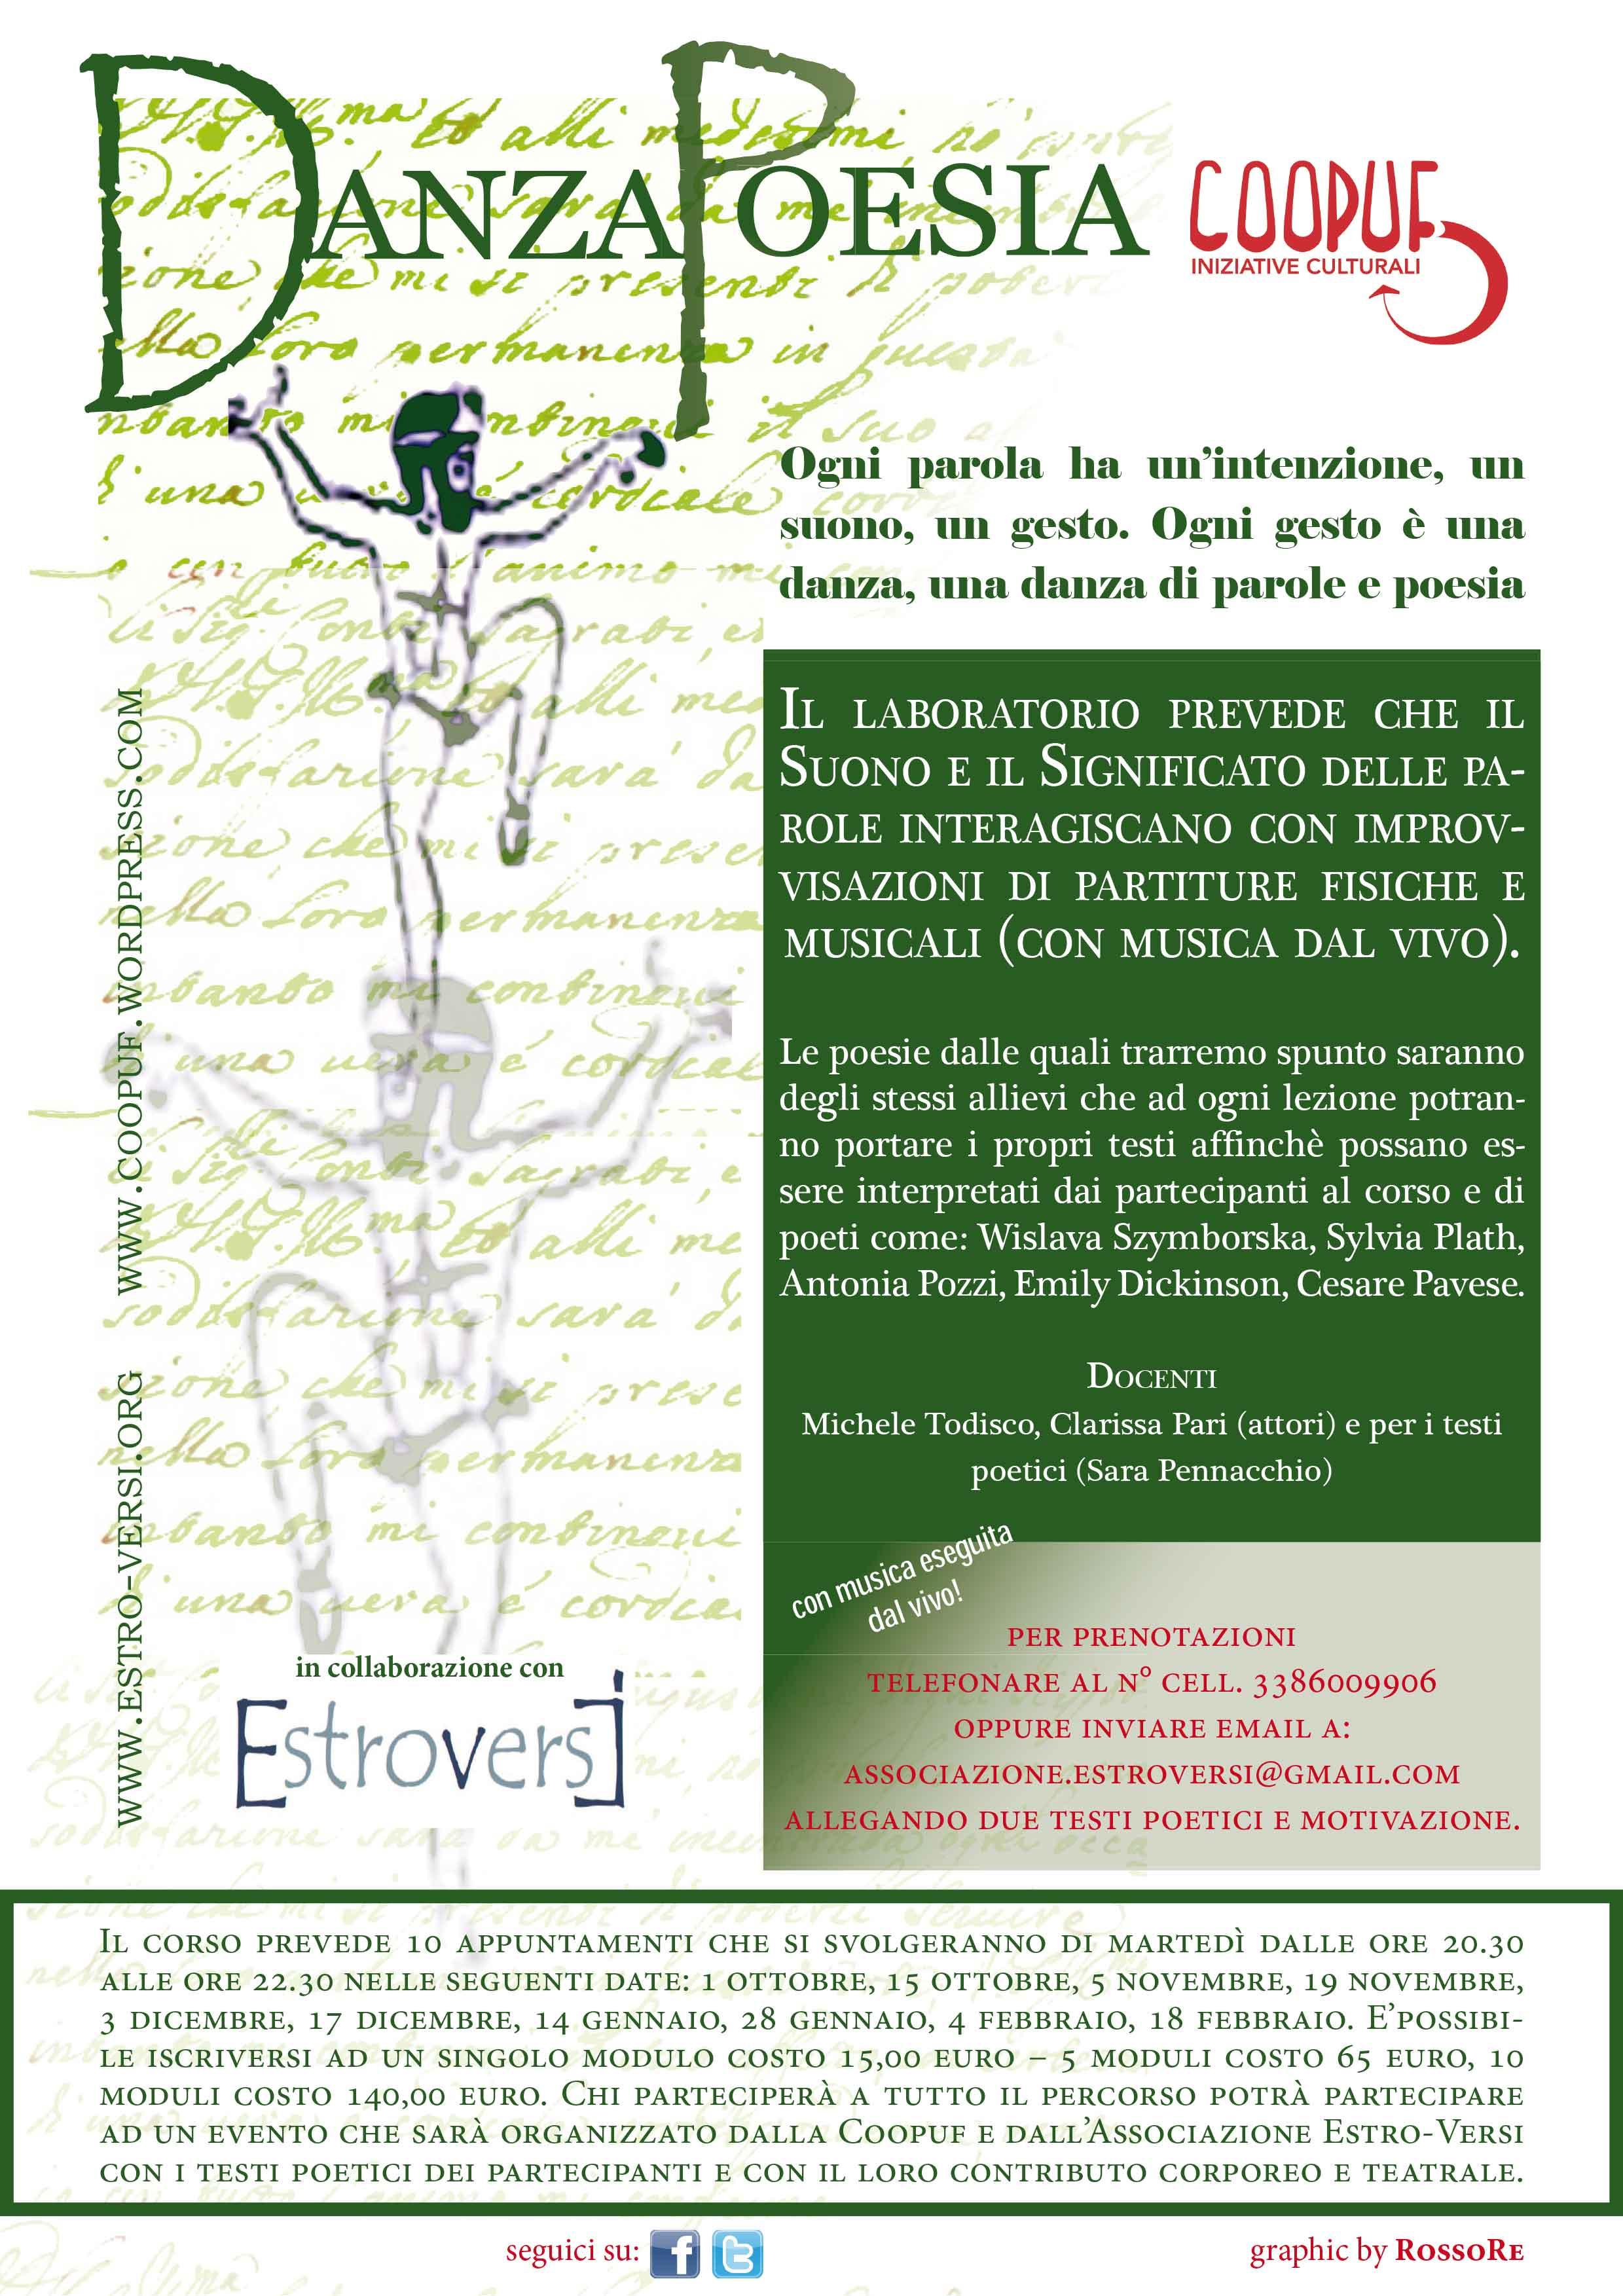 estroversi-locandina-a4---2-versione-(2)